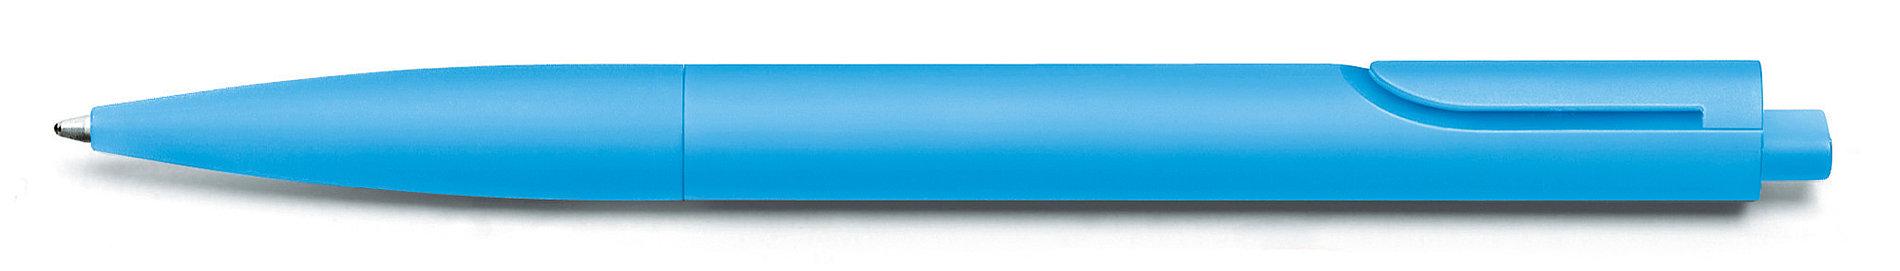 Lamy noto Kugelschreiber   Red Dot Design Award